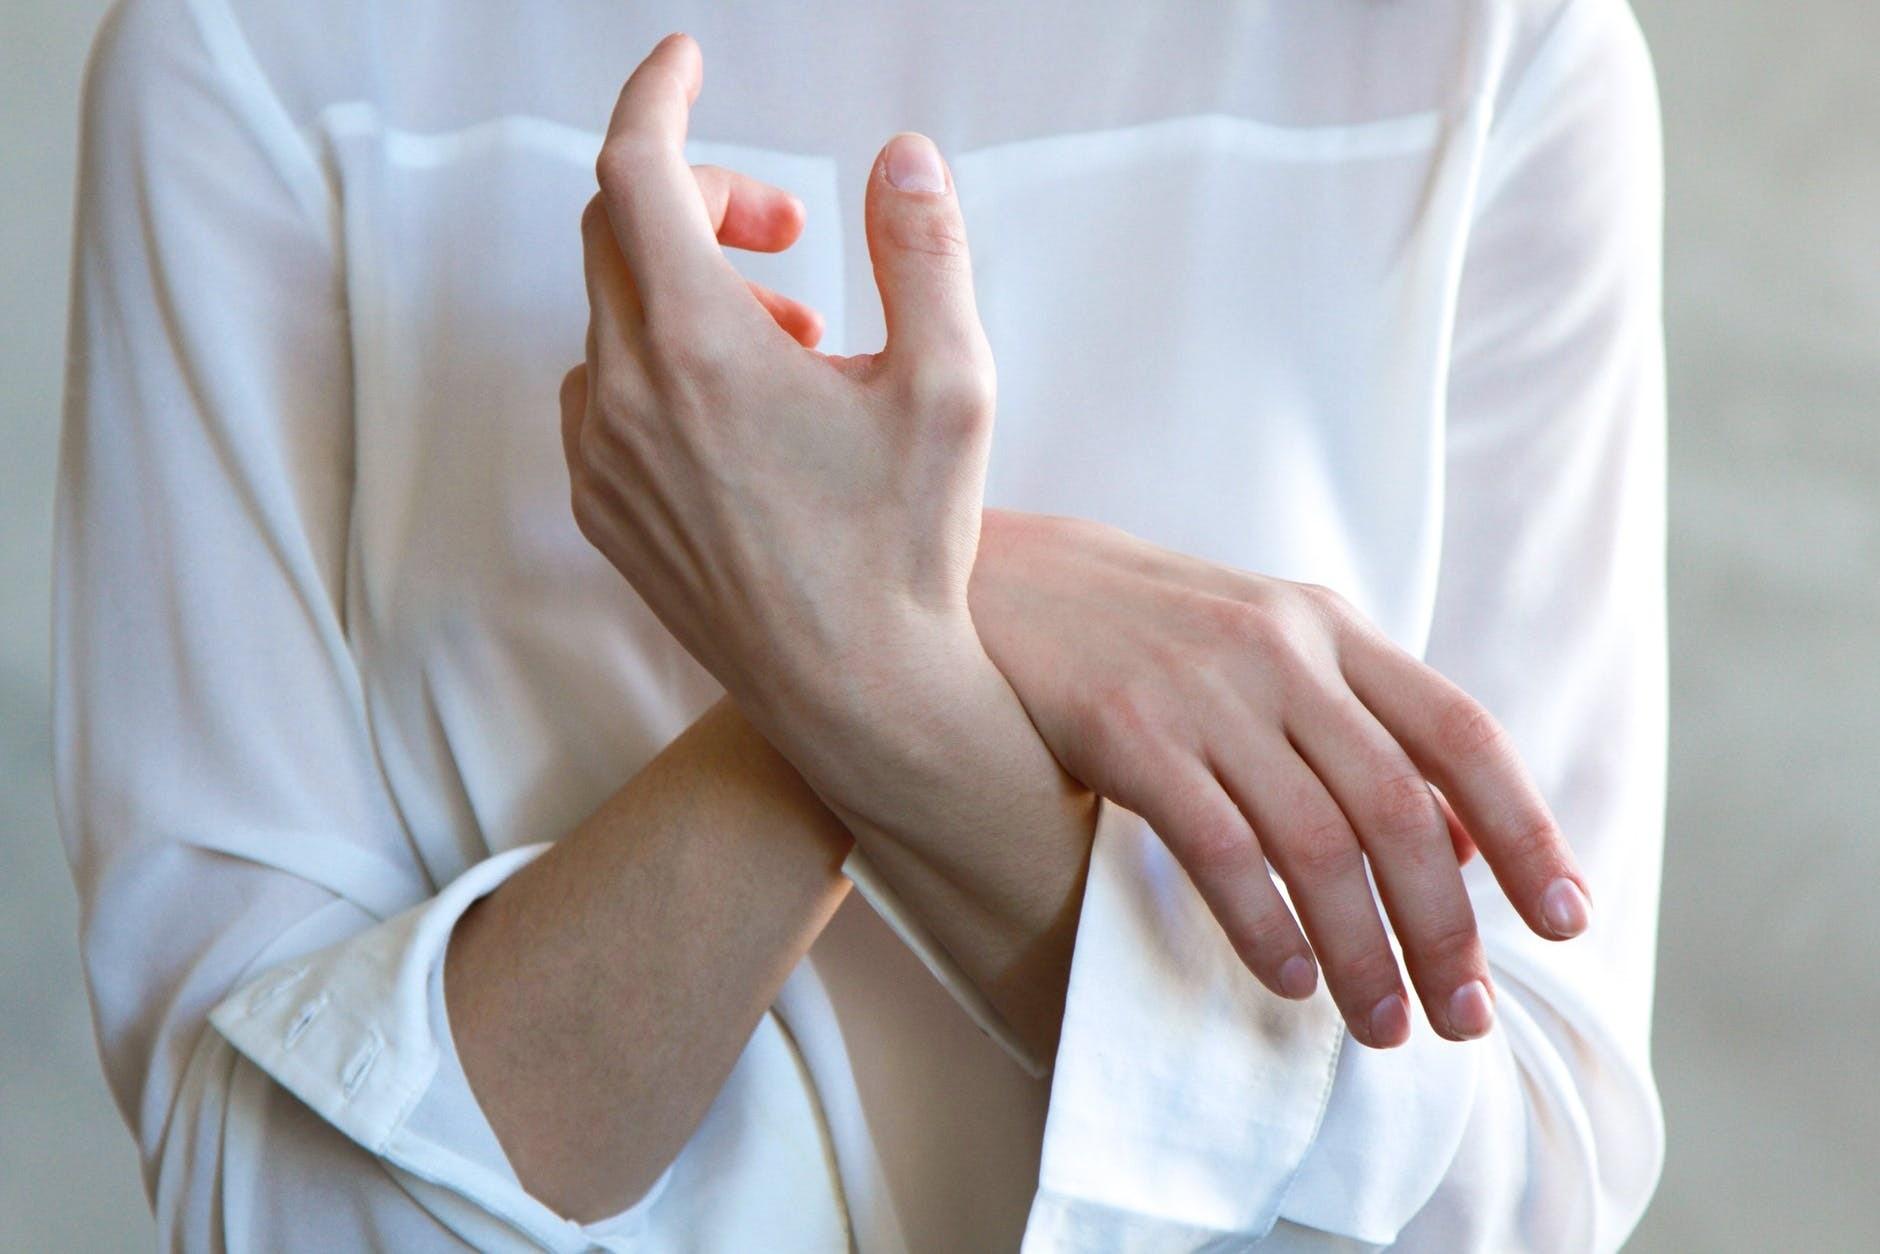 Маникюр за 10 минут: применяем ремувер для удаления кутикулы